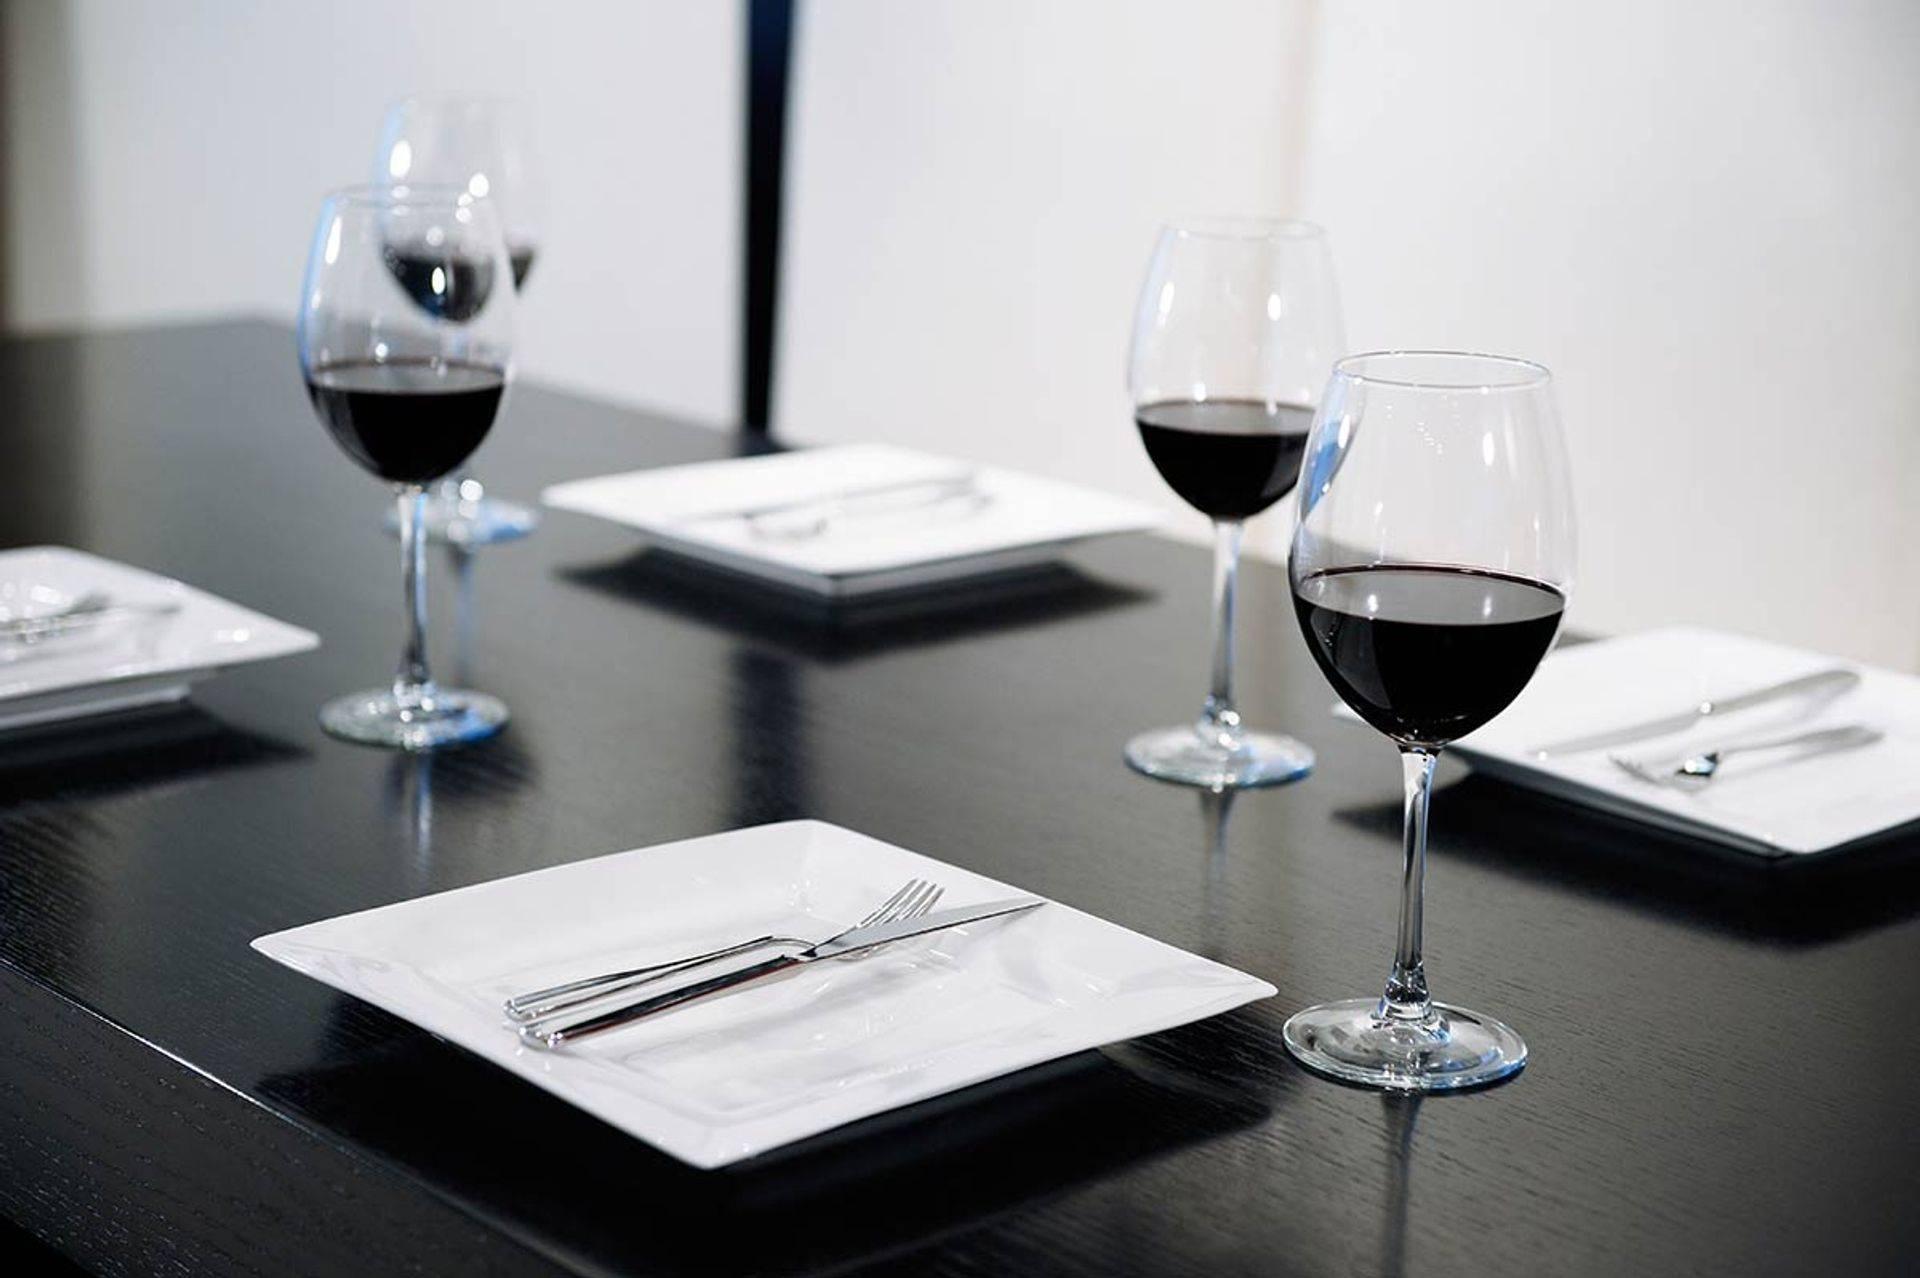 Wine, fine restaurant, Full bar